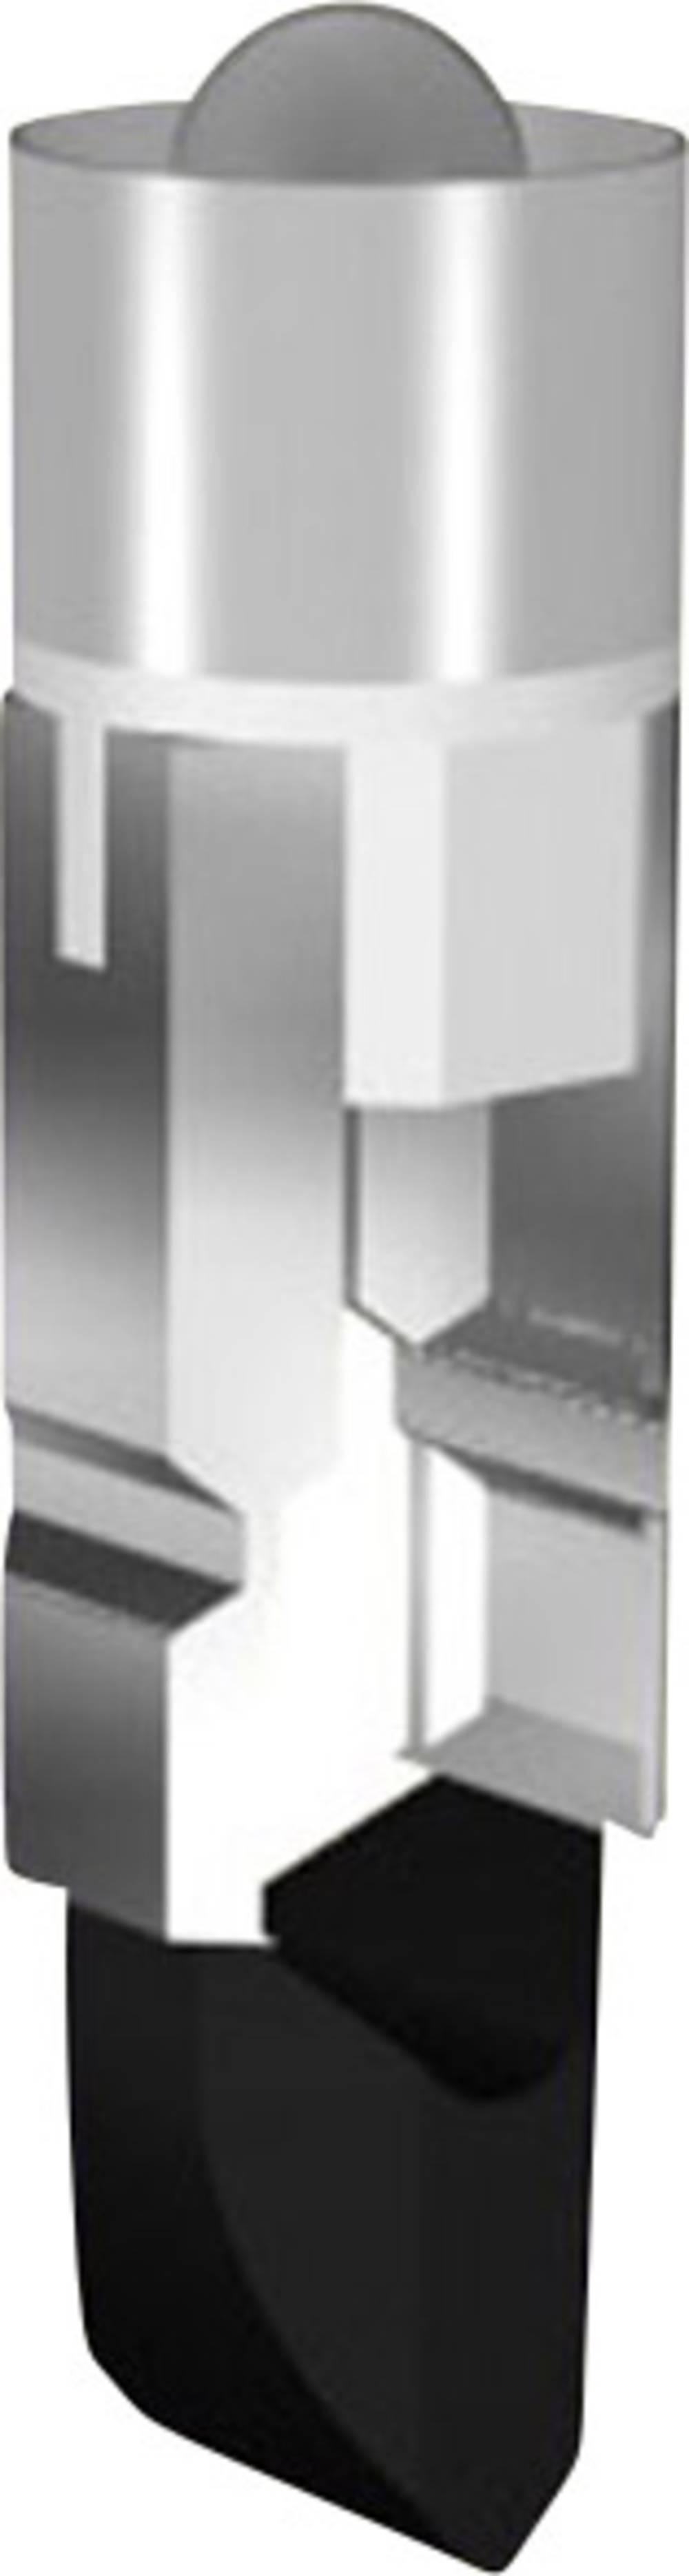 LED žarnica T5.5 k bela 24 V/DC 2000 mcd 428 mlm Signal Construct MEDK5564